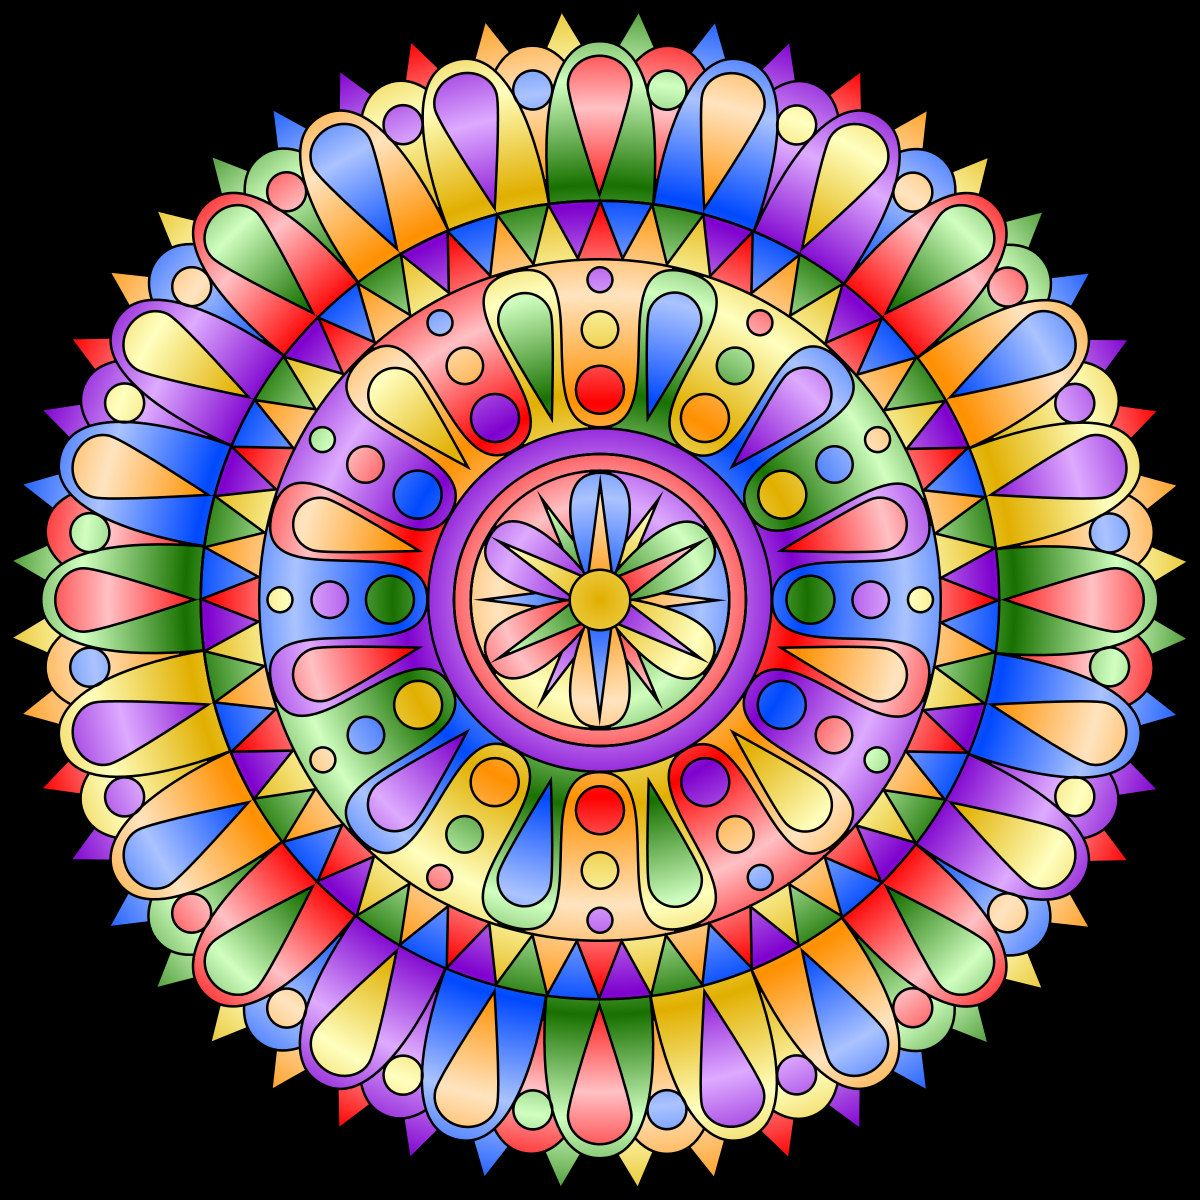 New Mandala Coloring Page Mandala Coloring Pages Mandala